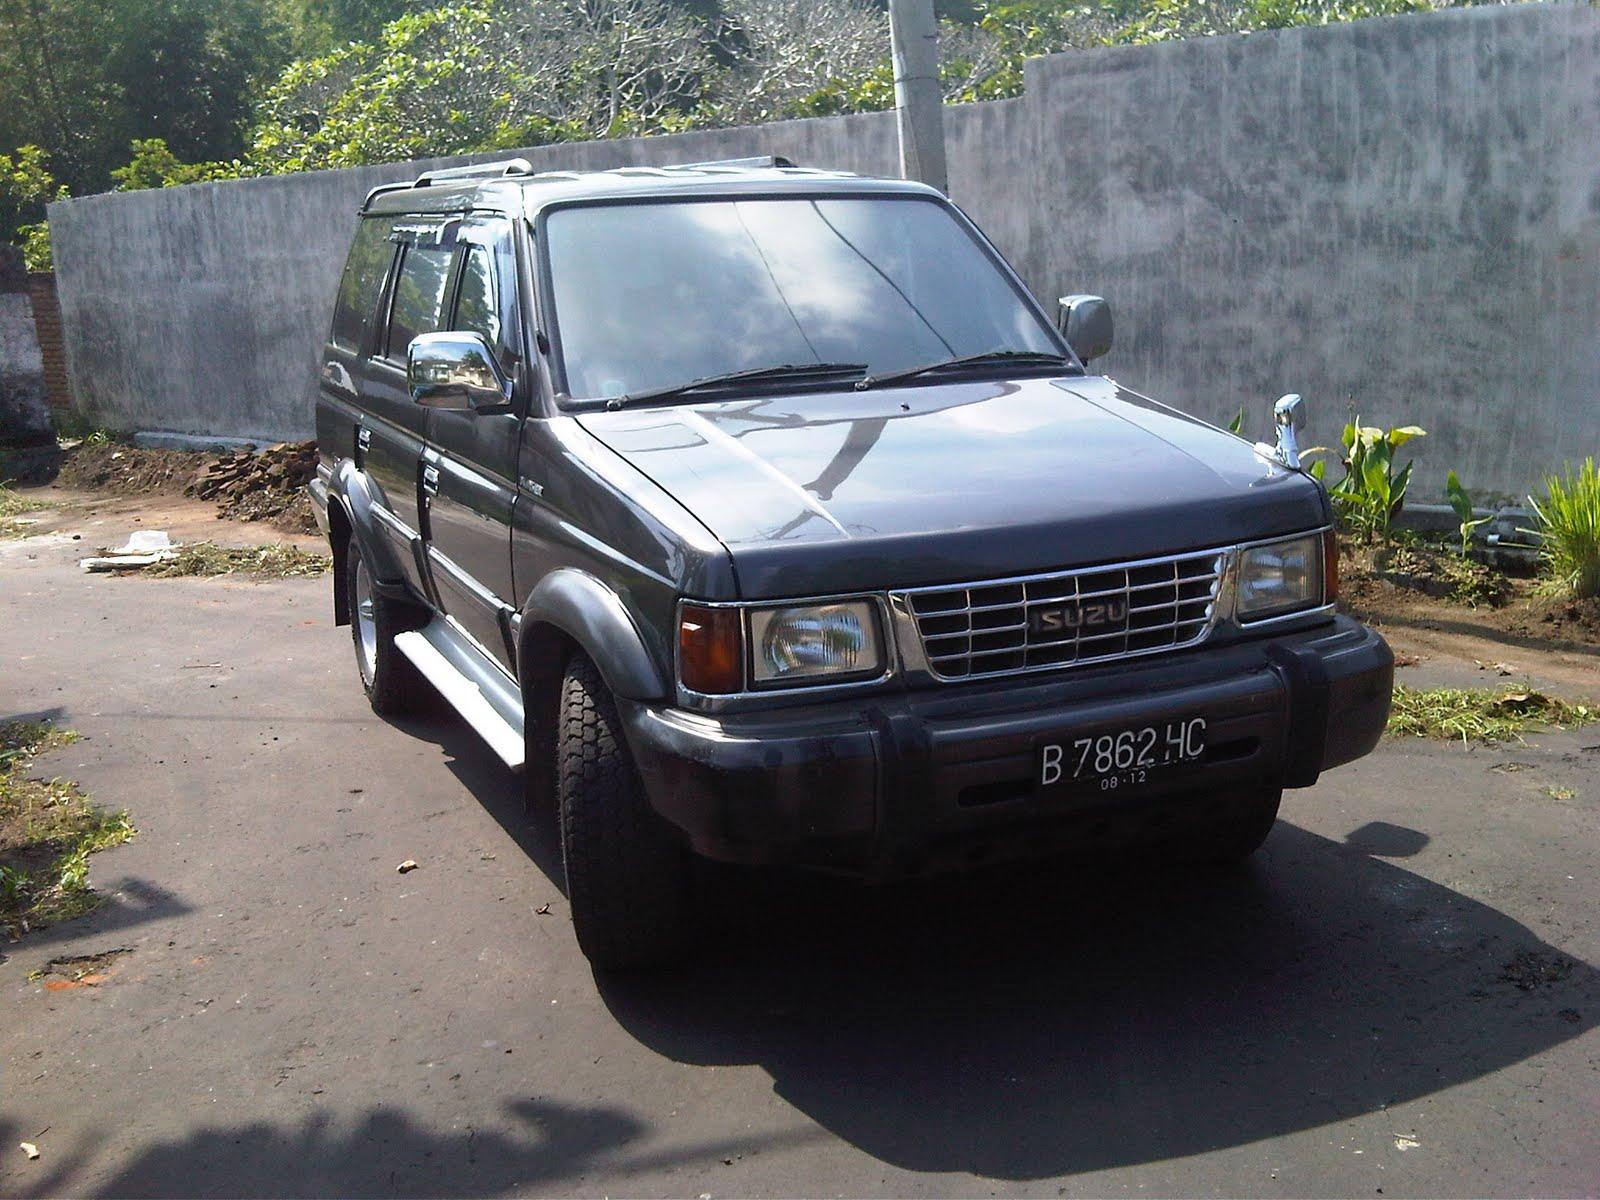 Jual Beli Mobil Bekas Di Malang Raya – MobilSecond.Info